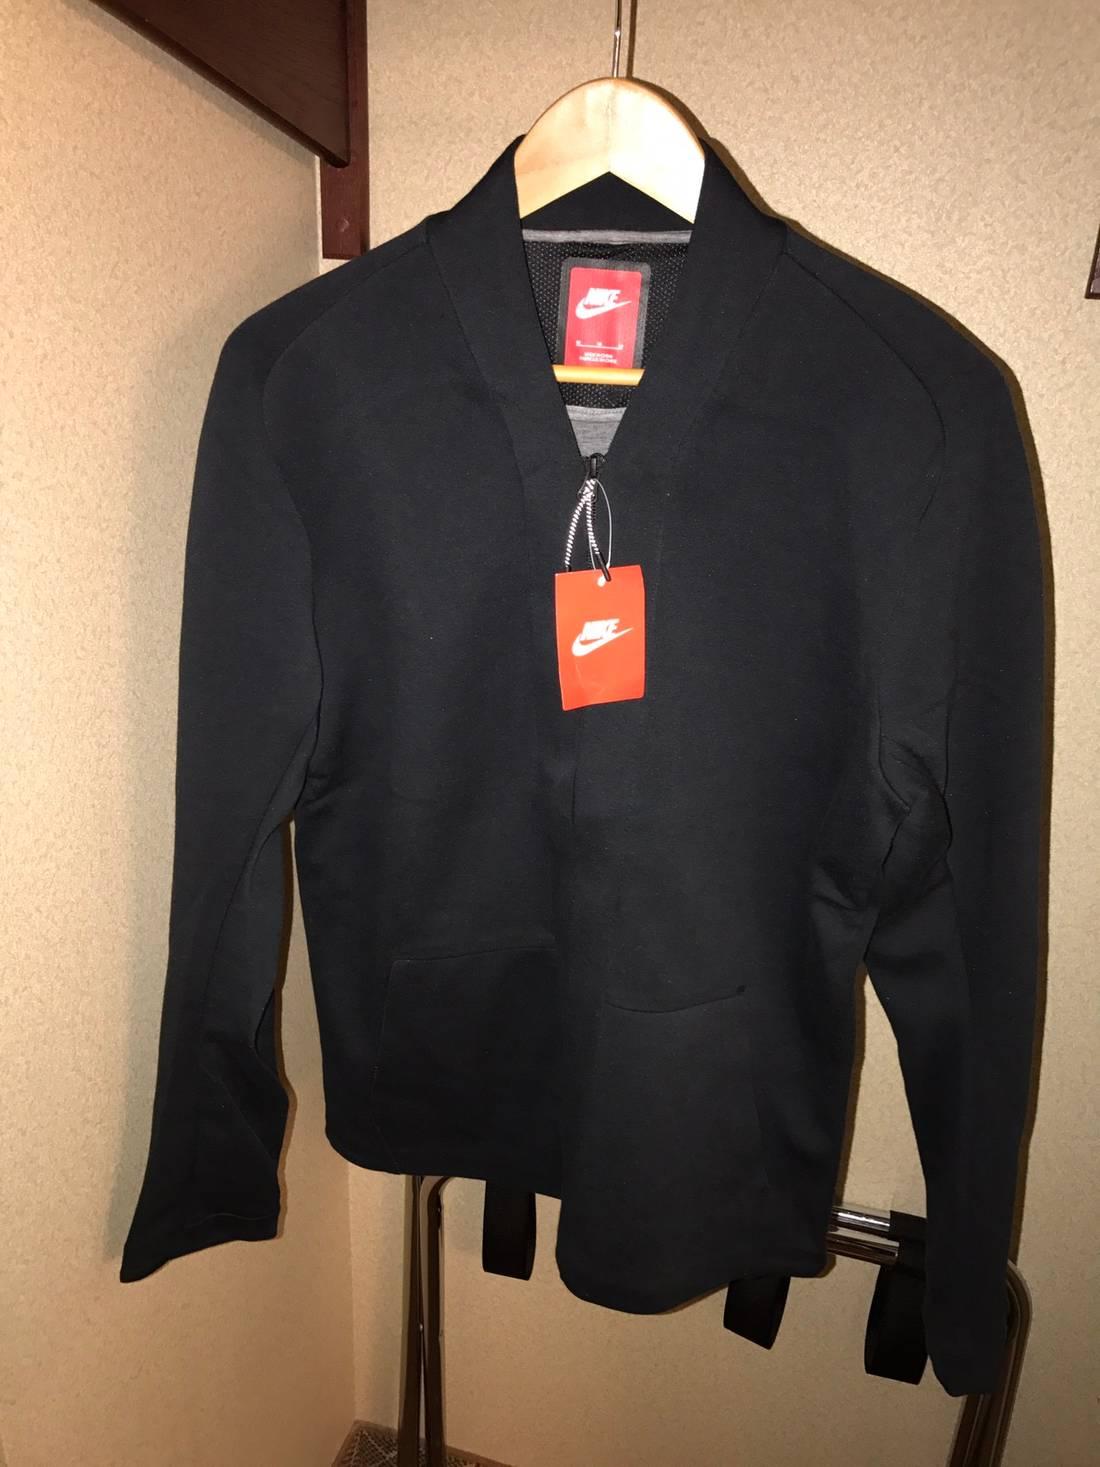 Nike Tech Fleece Cardigan Size m - Light Jackets for Sale - Grailed